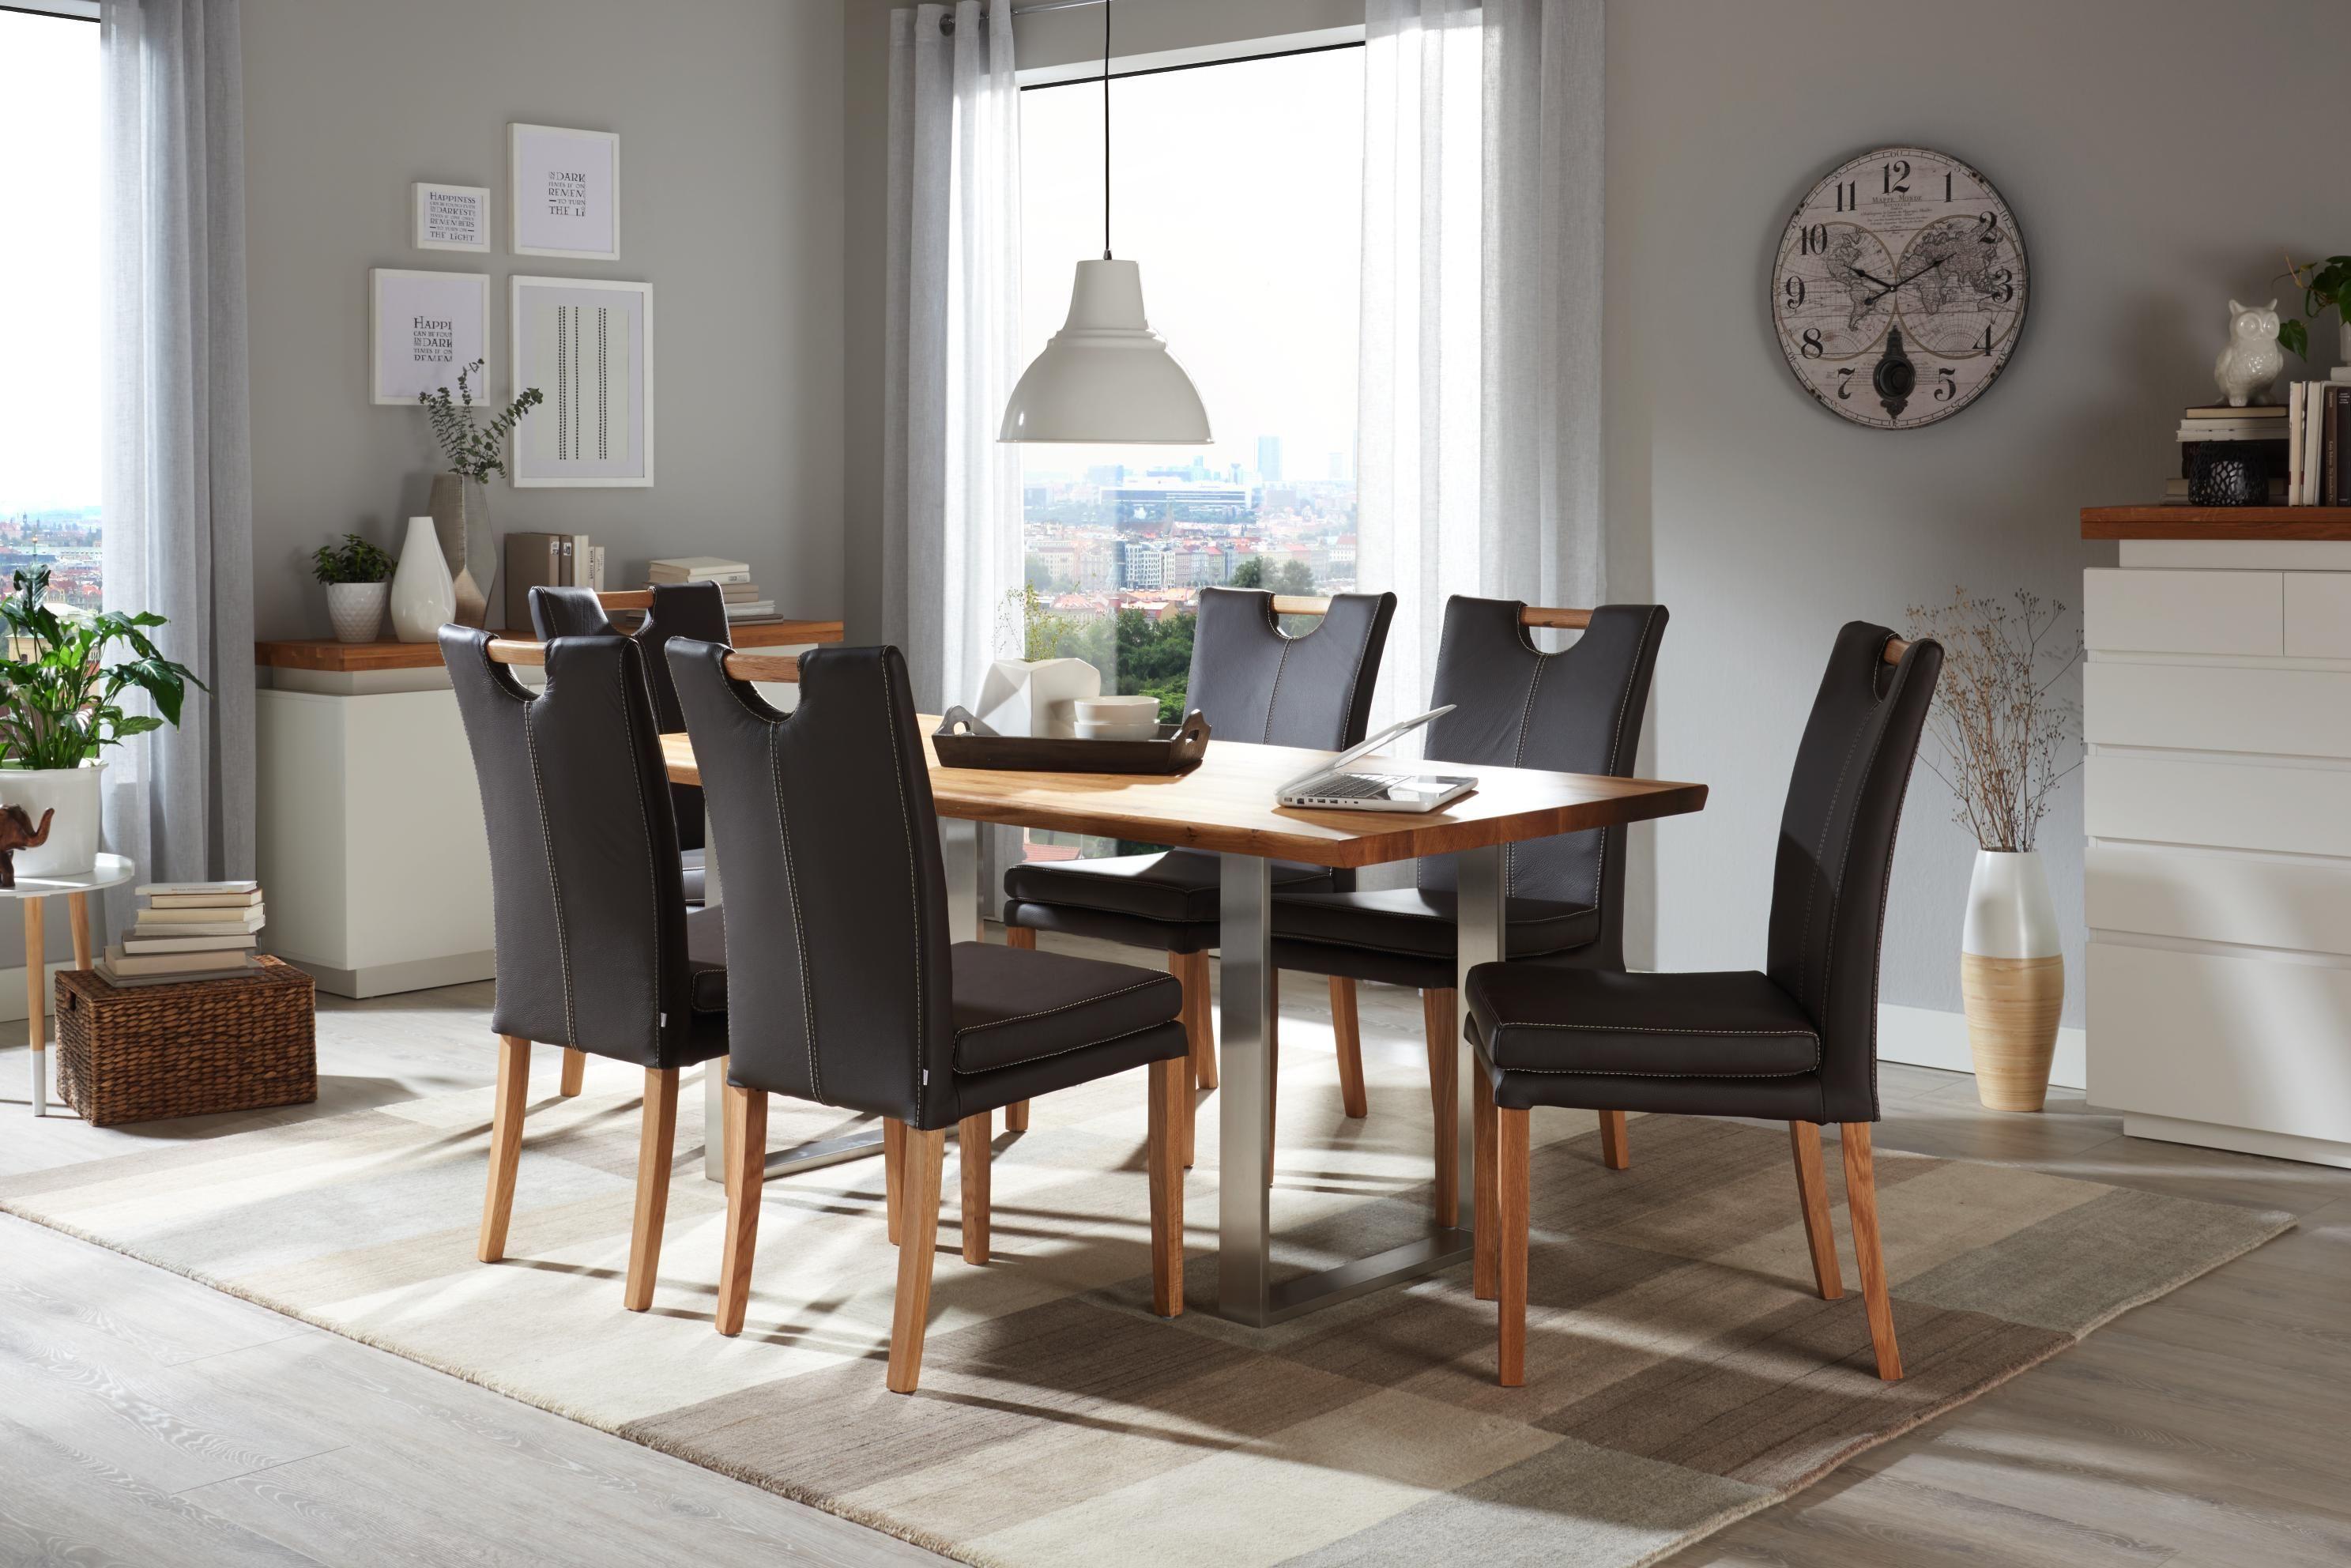 esstisch in holz 180 90 75 cm esszimmer pinterest esszimmer tisch und esstisch. Black Bedroom Furniture Sets. Home Design Ideas